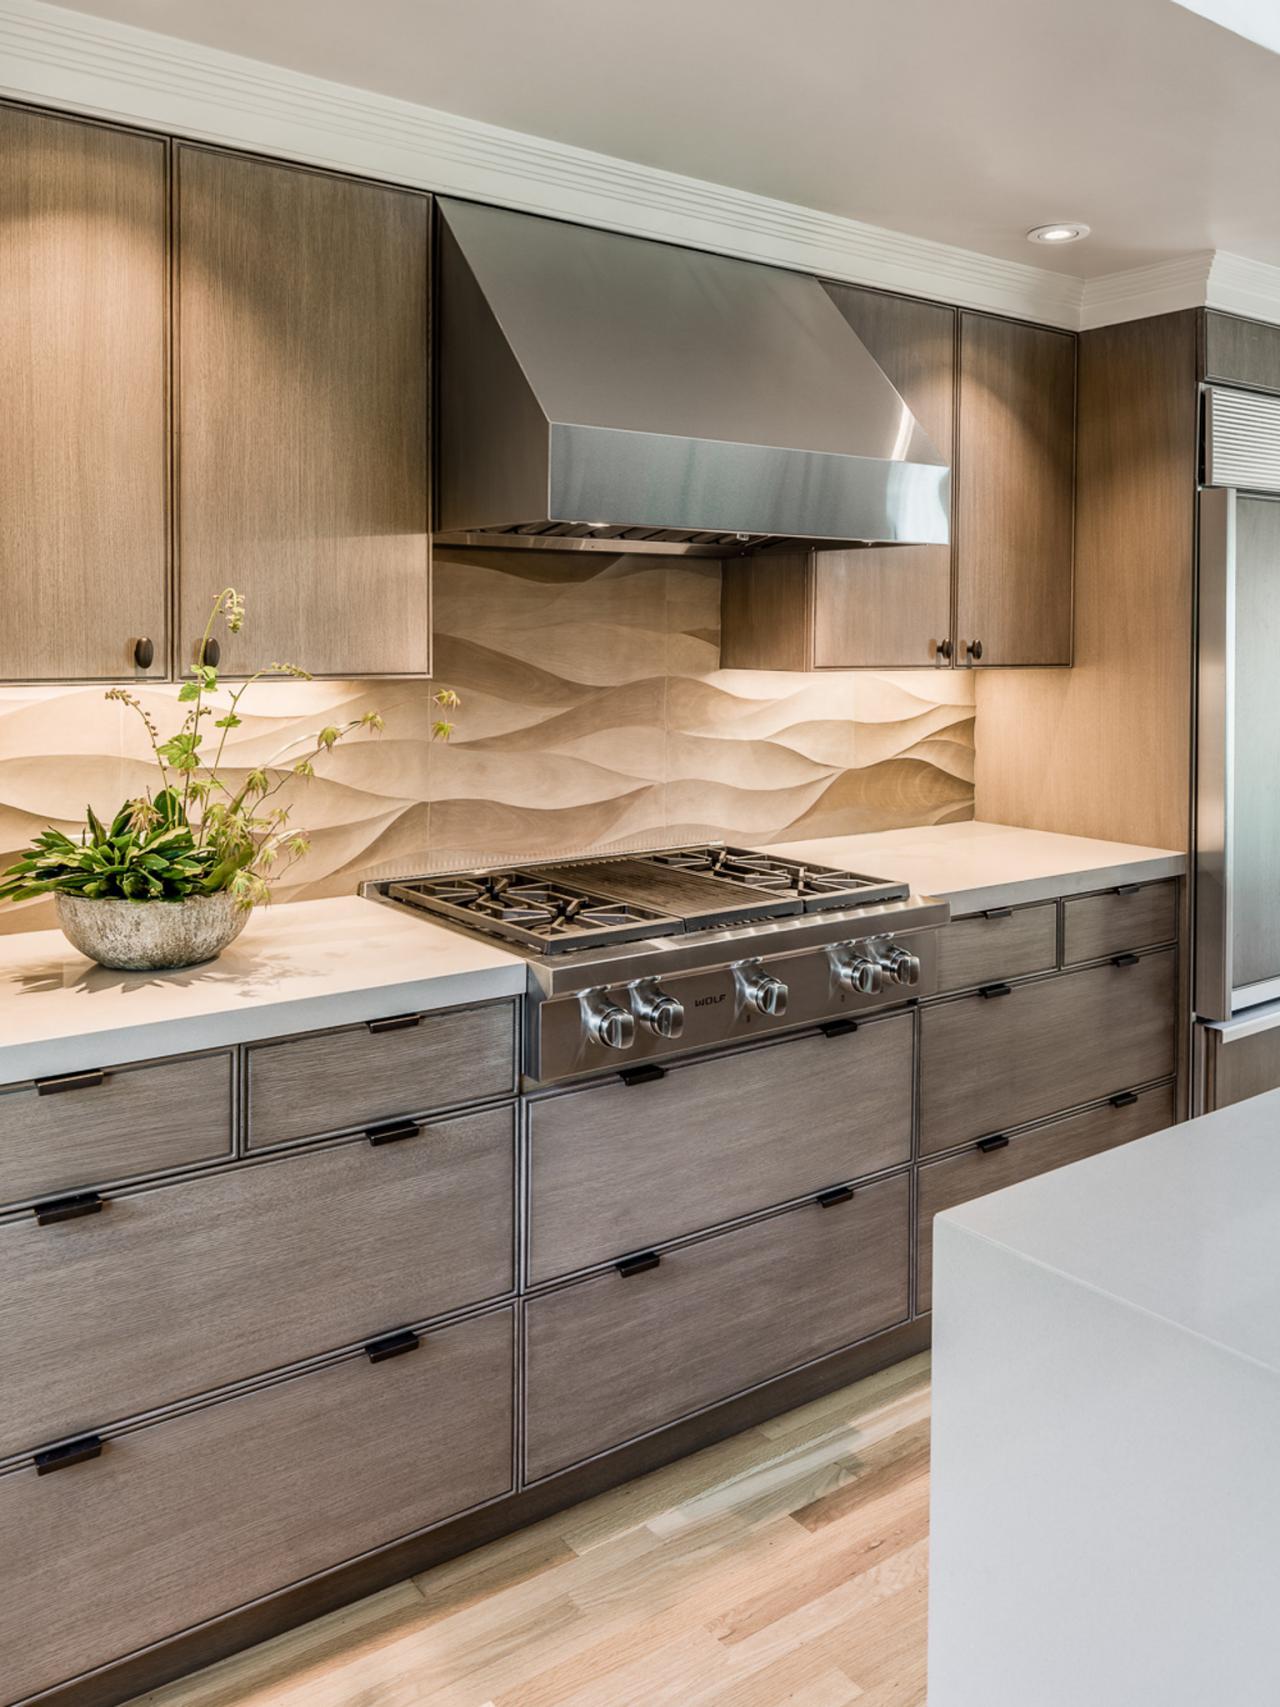 Limestone Kitchen Backsplash Natural Stone